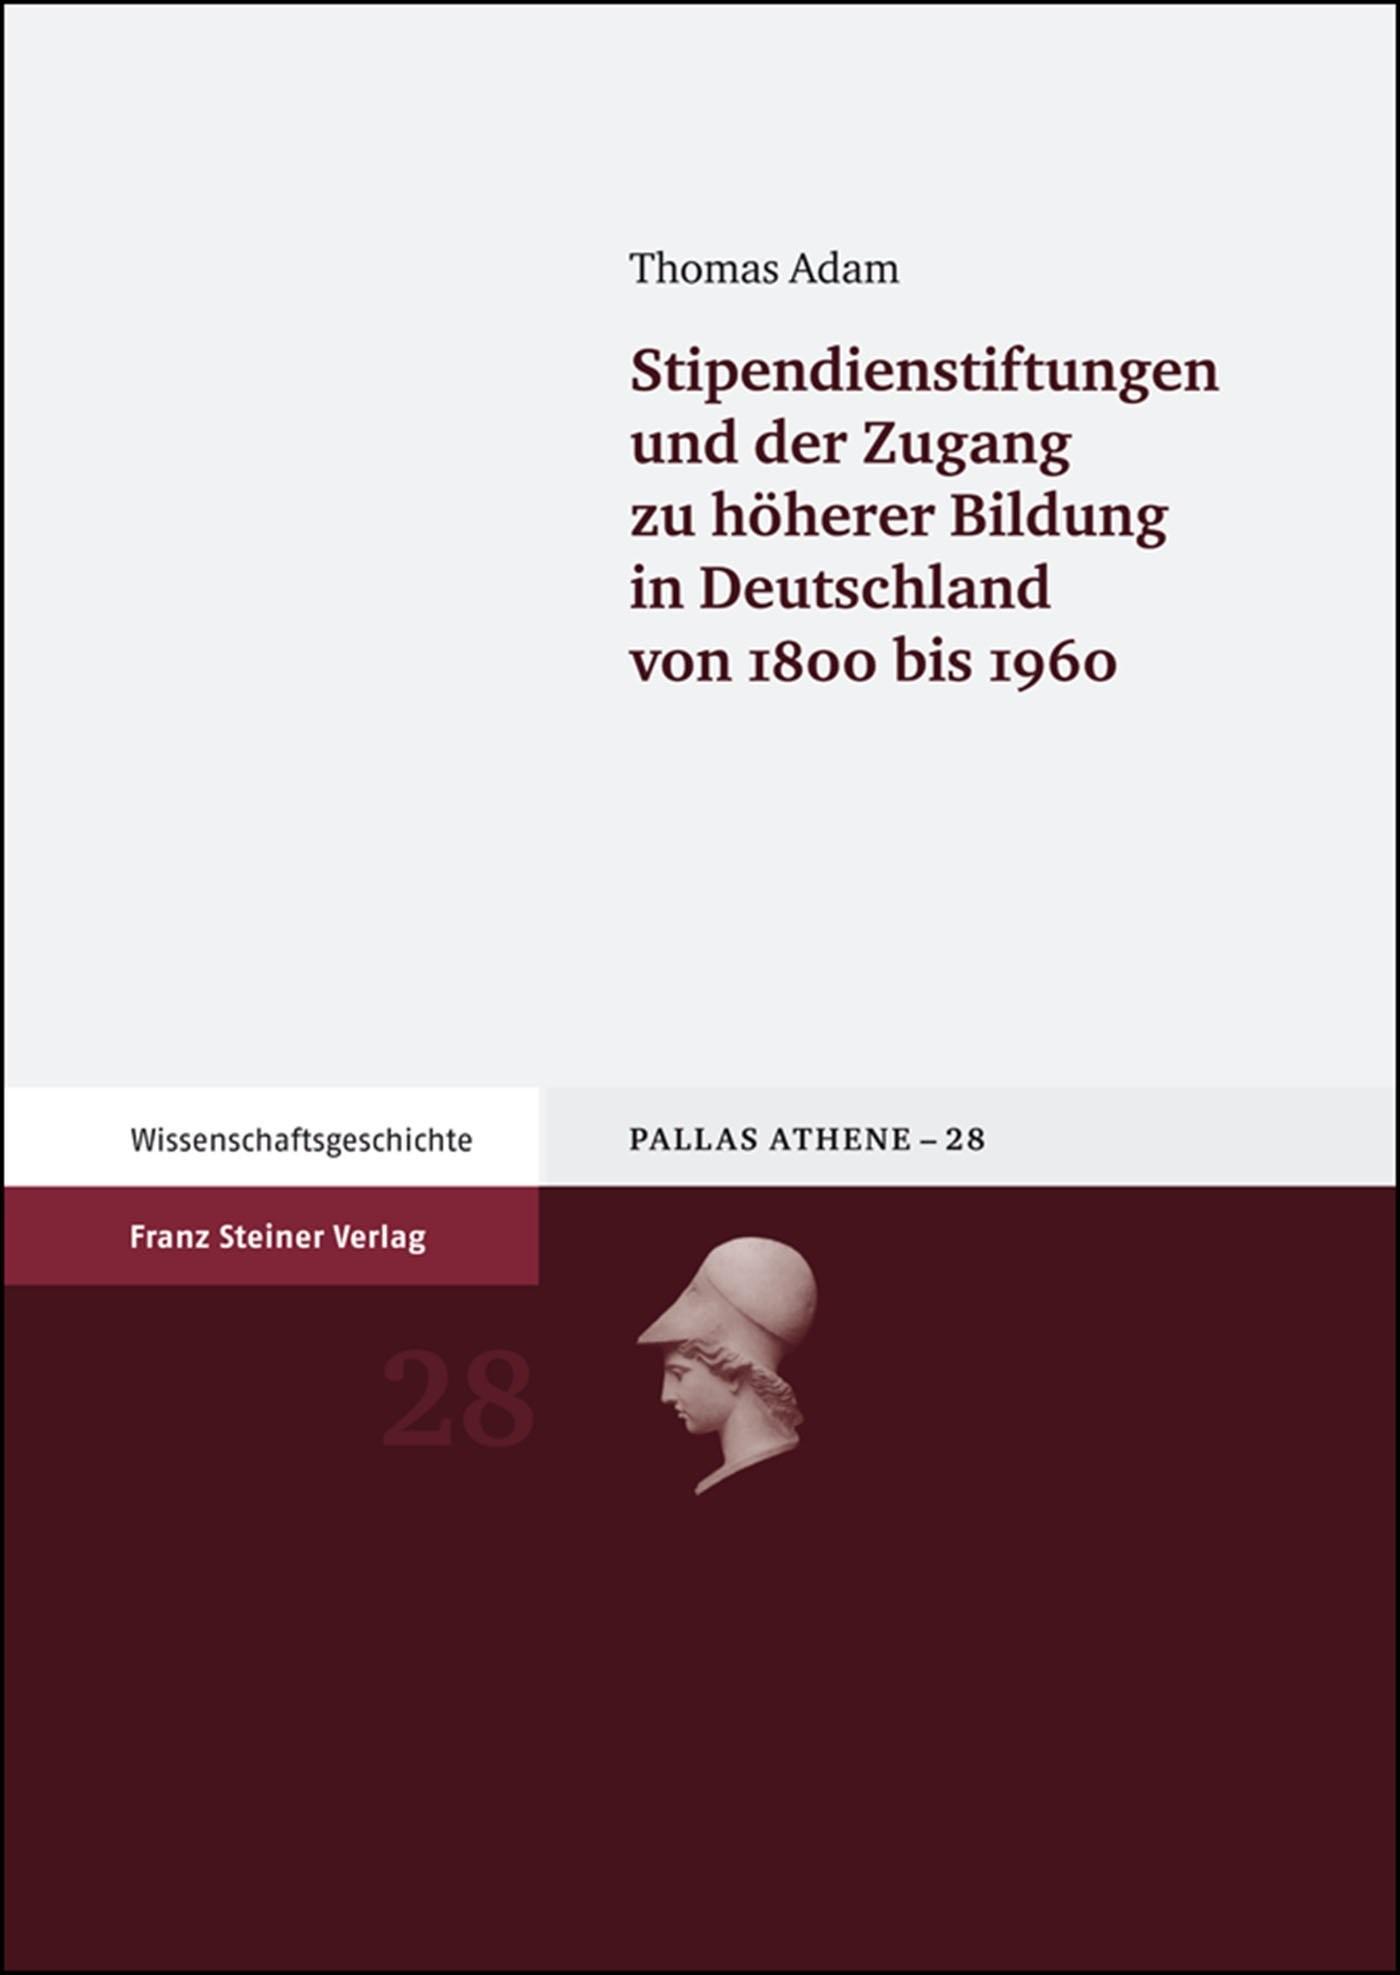 Stipendienstiftungen und der Zugang zu höherer Bildung in Deutschland von 1800 bis 1960 | Adam, 2008 | Buch (Cover)